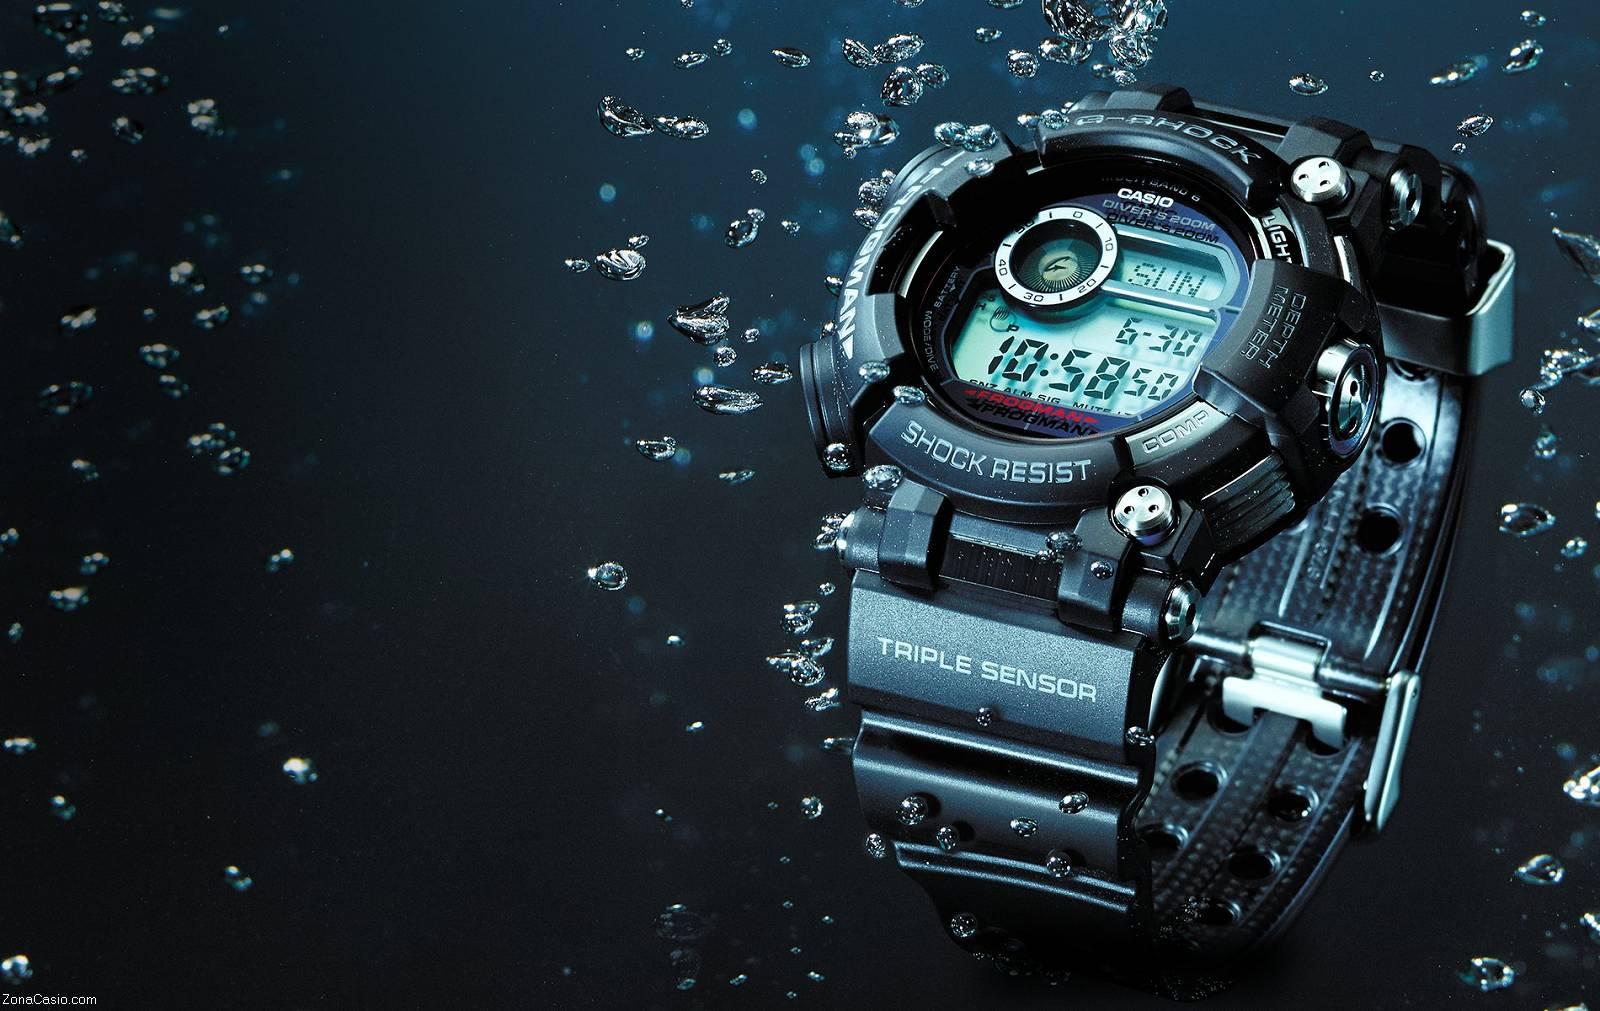 Nuevo Frogman GWF-D1000  07-G-Shock-GWF-D1000-2016-gavm-439